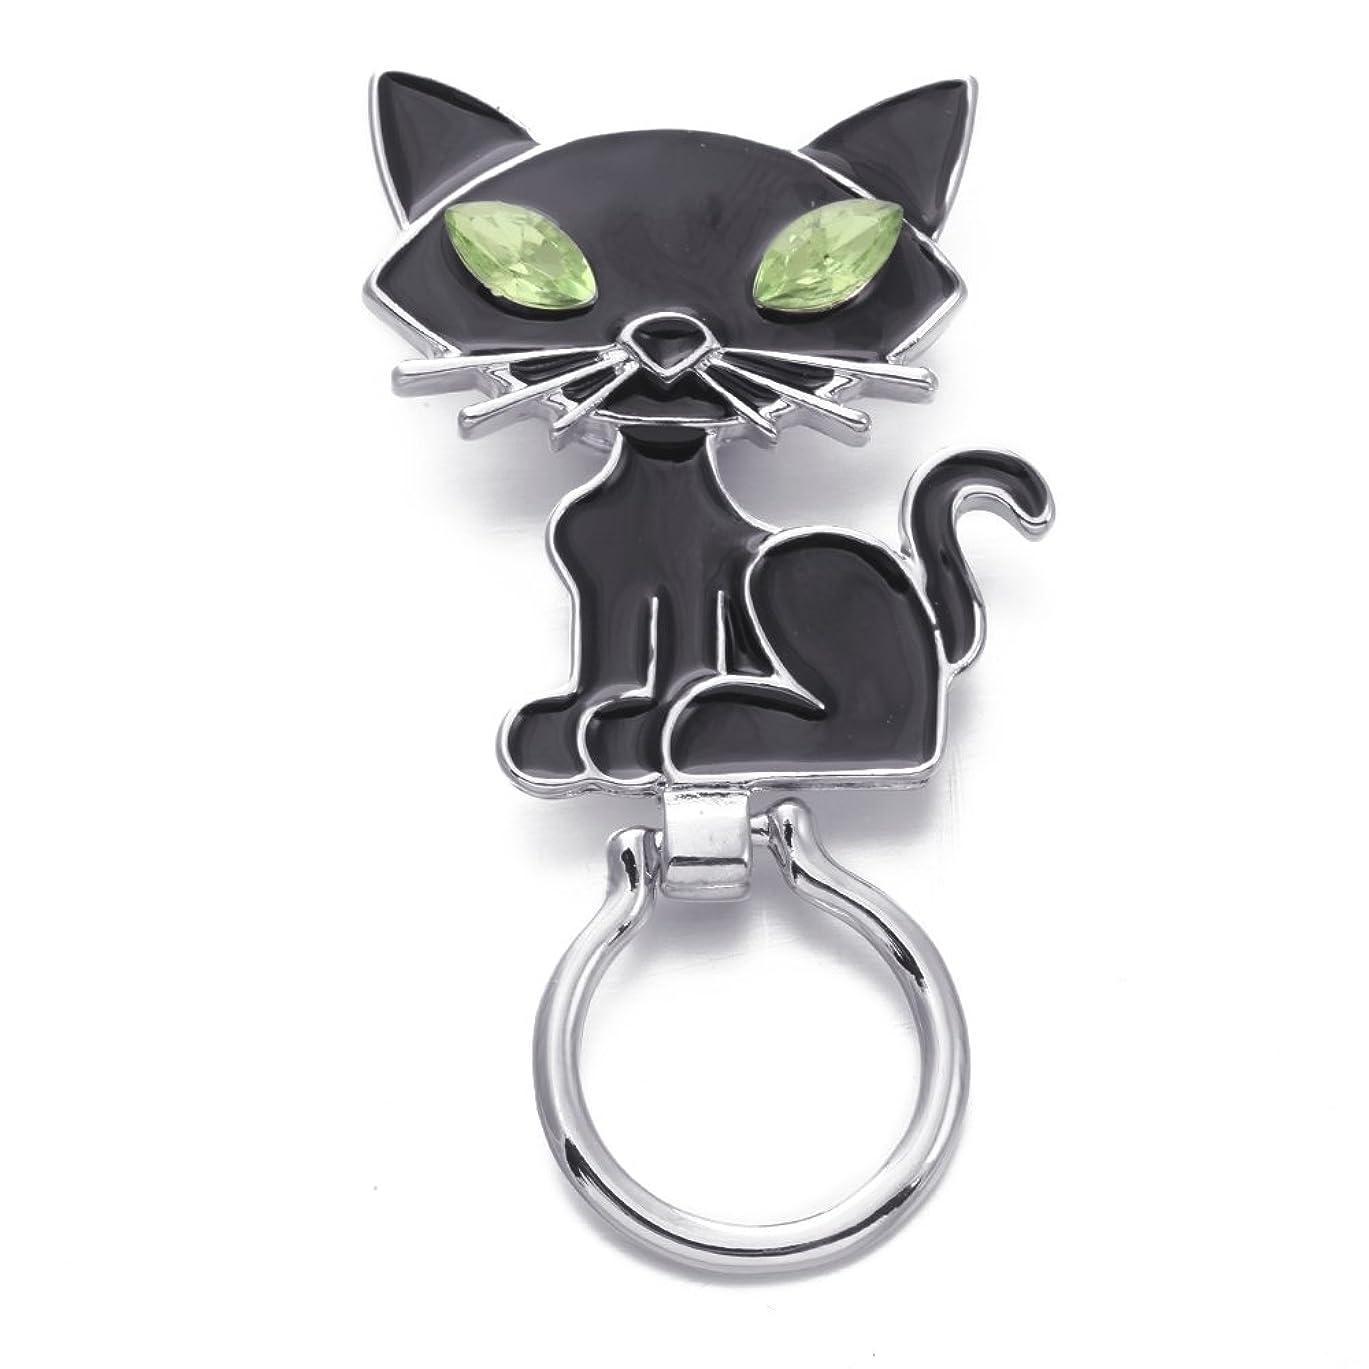 警告テニス裏切りSenFai 猫 アイガラスホルダー メガネホルダー メガネ小物 眼鏡 メガネ掛け アクセサリー ブローチ